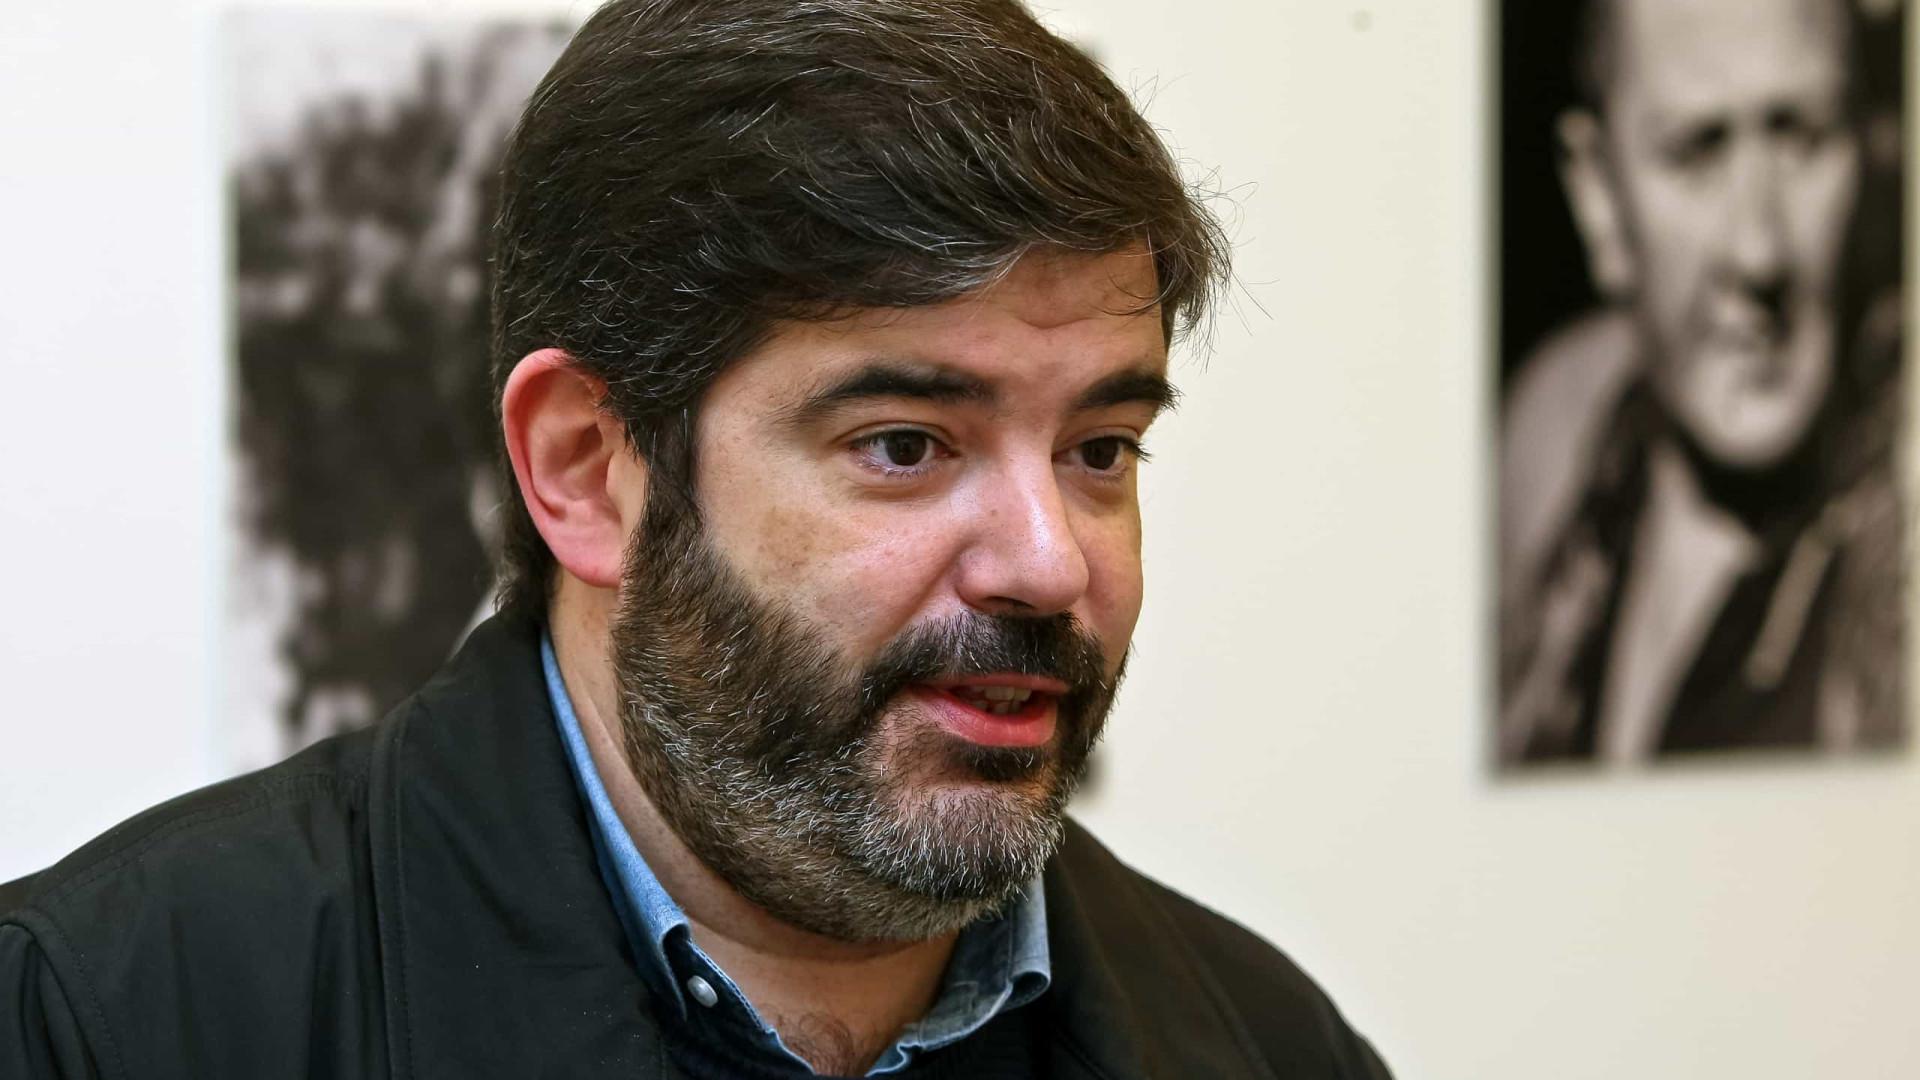 """Sérgio Aires """"confiante"""" espera ser eleito no Porto para """"fazer oposição"""""""